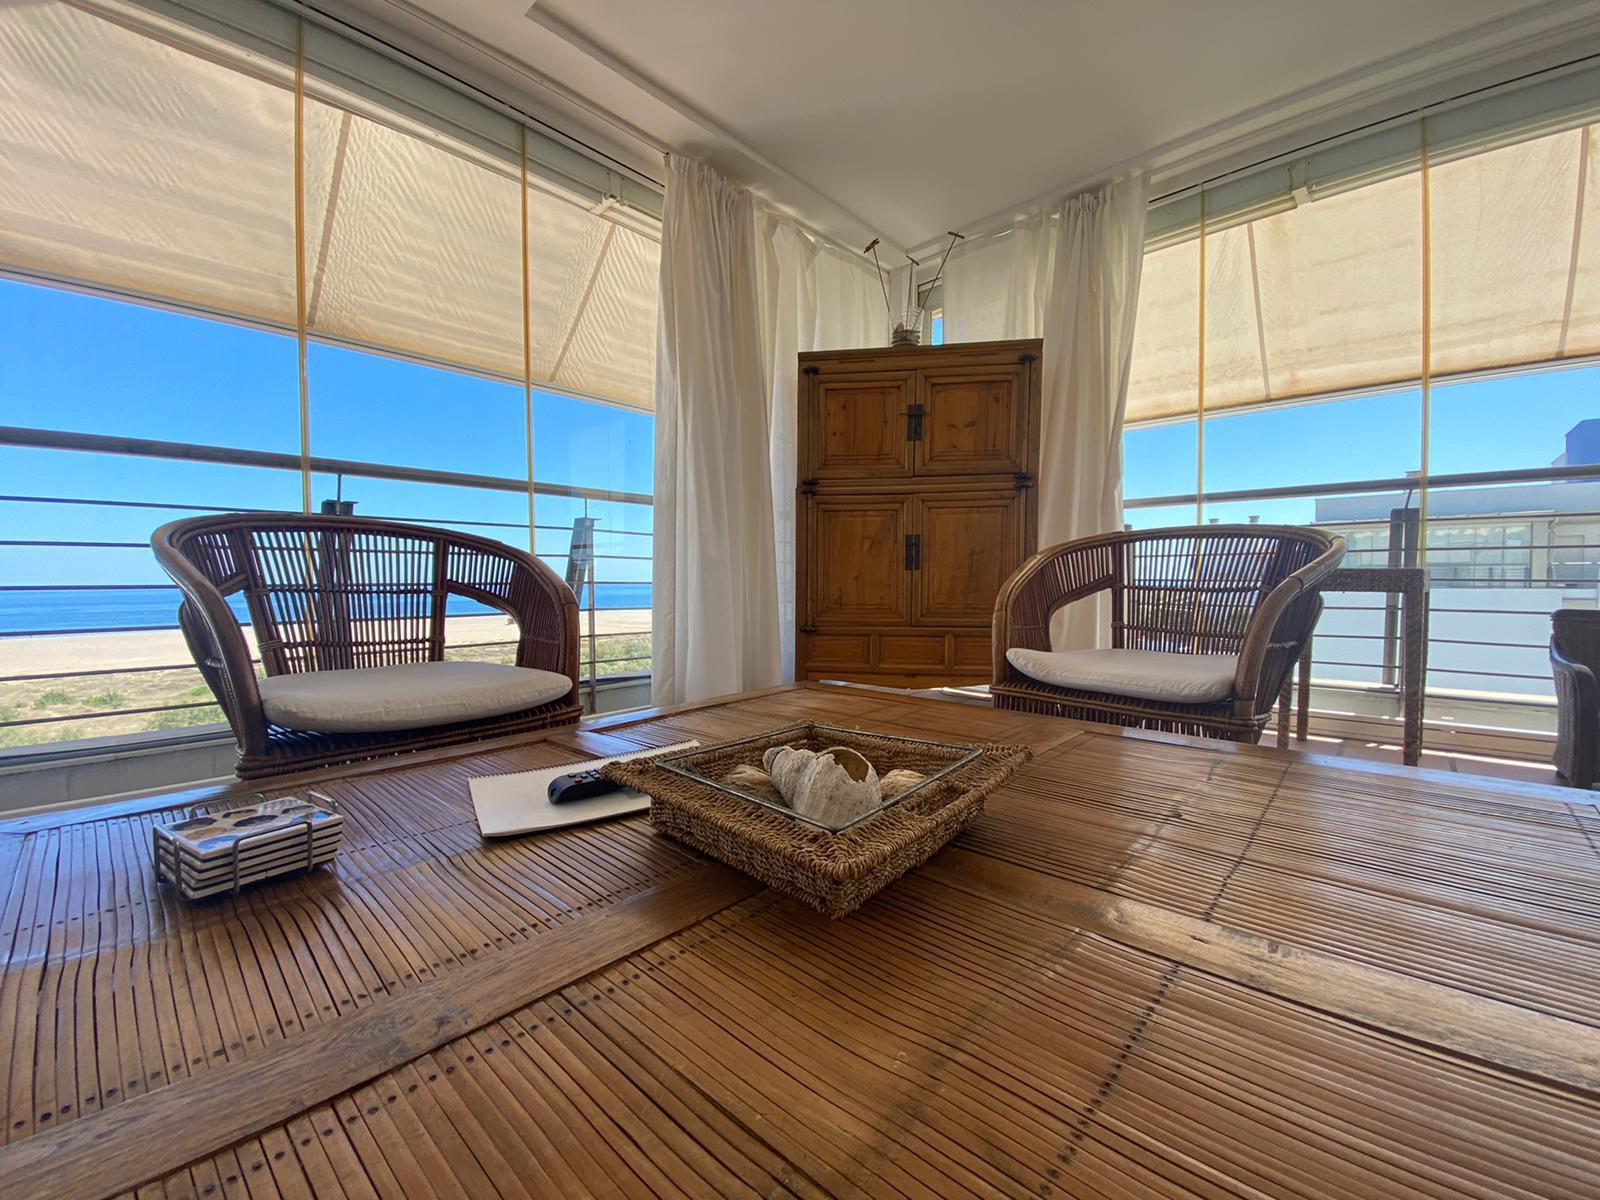 Imagen 17 del Apartamento Turístico, Ático 3 Levante, Frontal (4d+2b), Punta del Moral (HUELVA), Paseo de la Cruz nº22